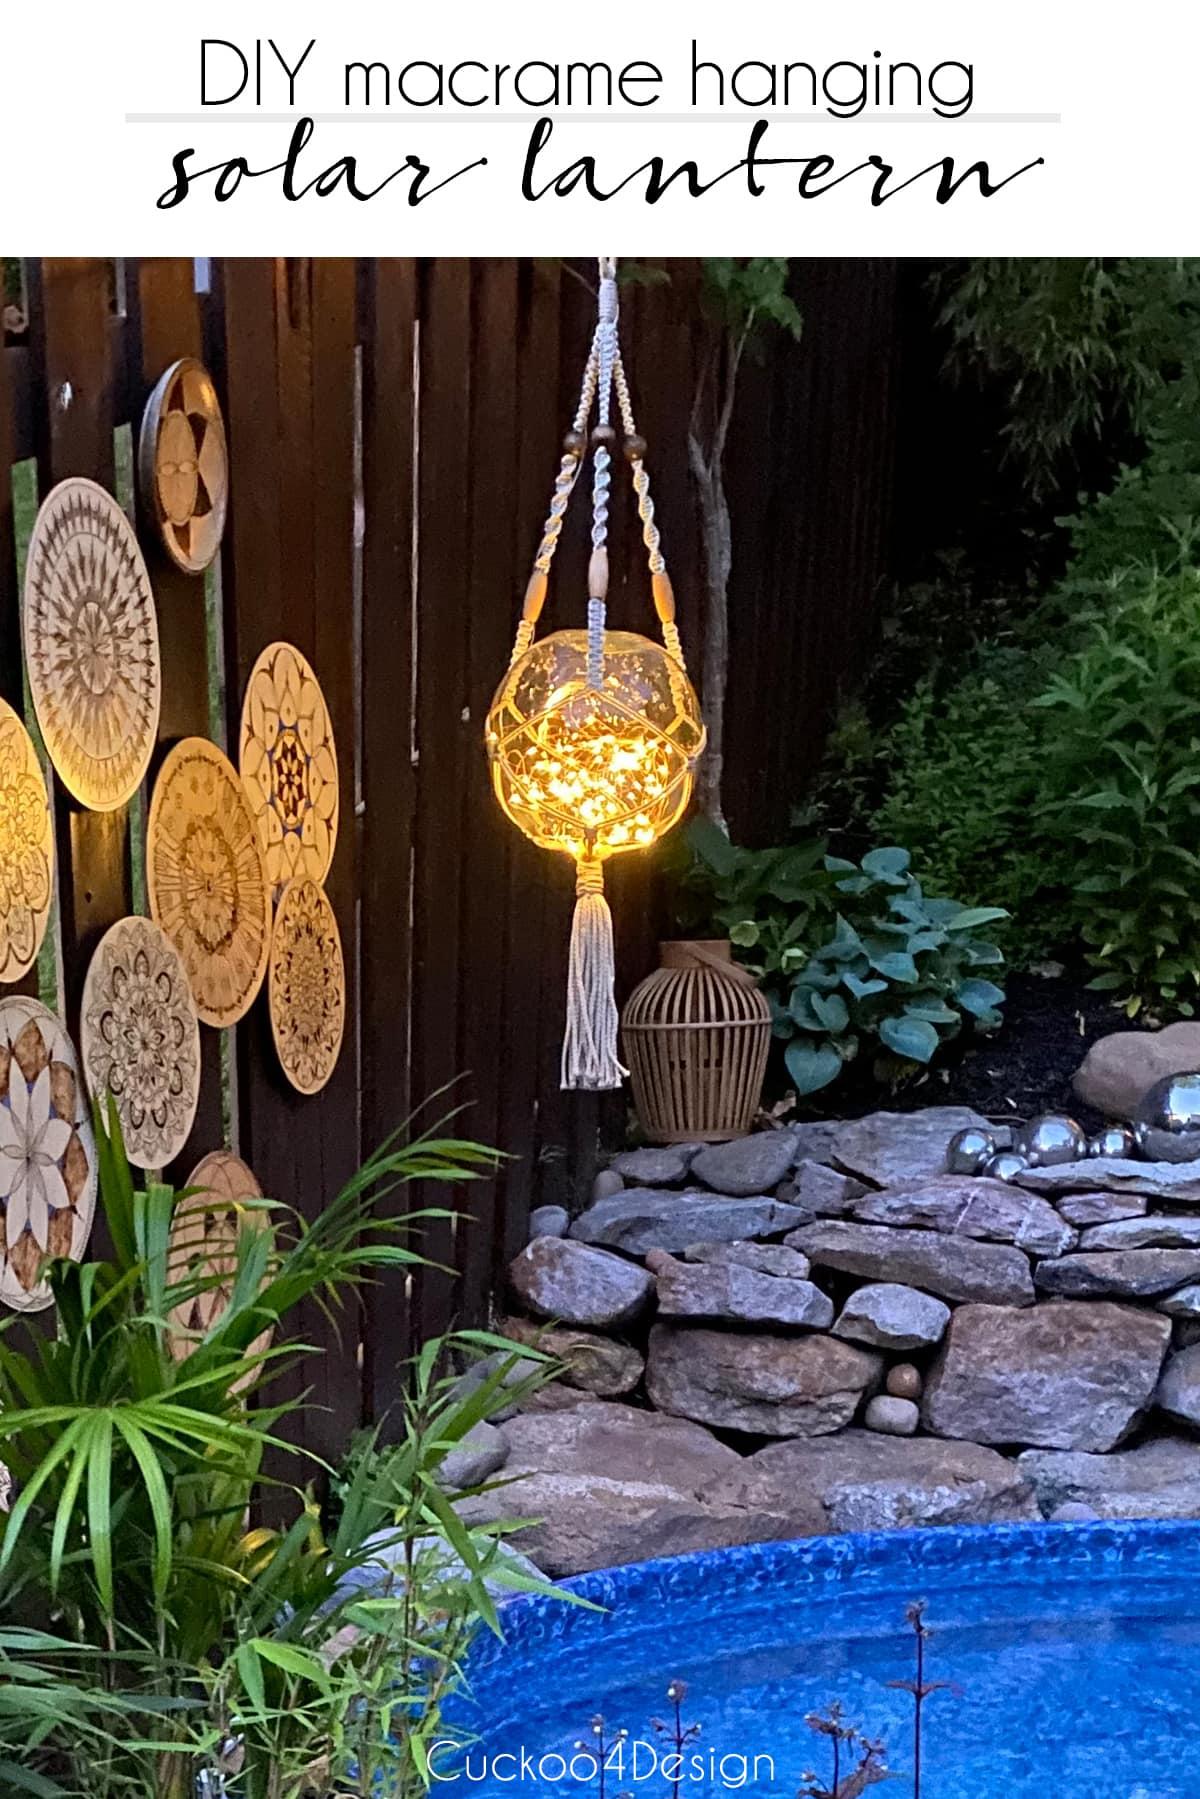 DIY macrame hanging solar lantern